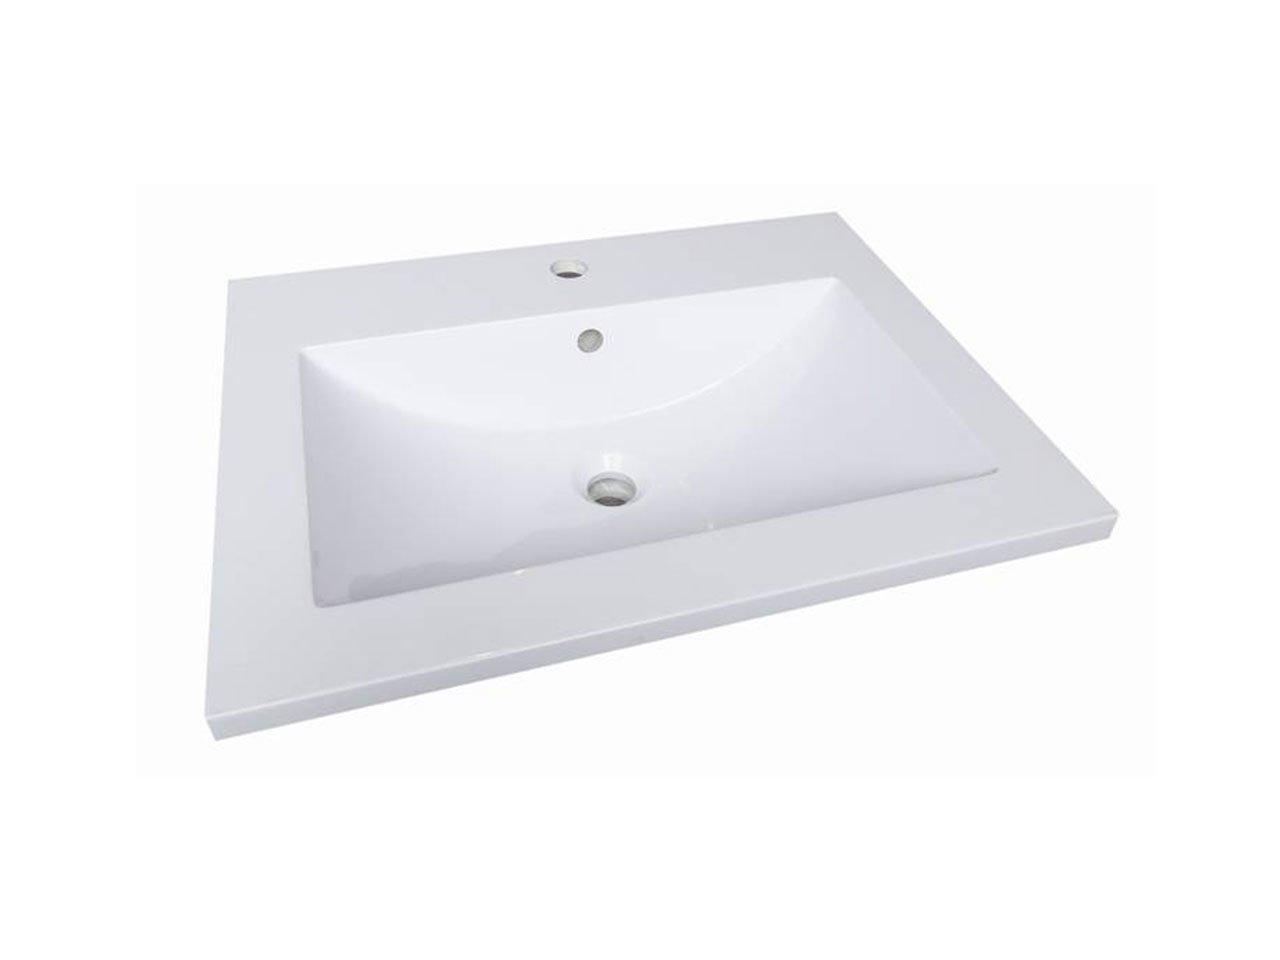 Unitop slim resina 61x46 bianco lucido iperceramica for Lavabo bagno resina